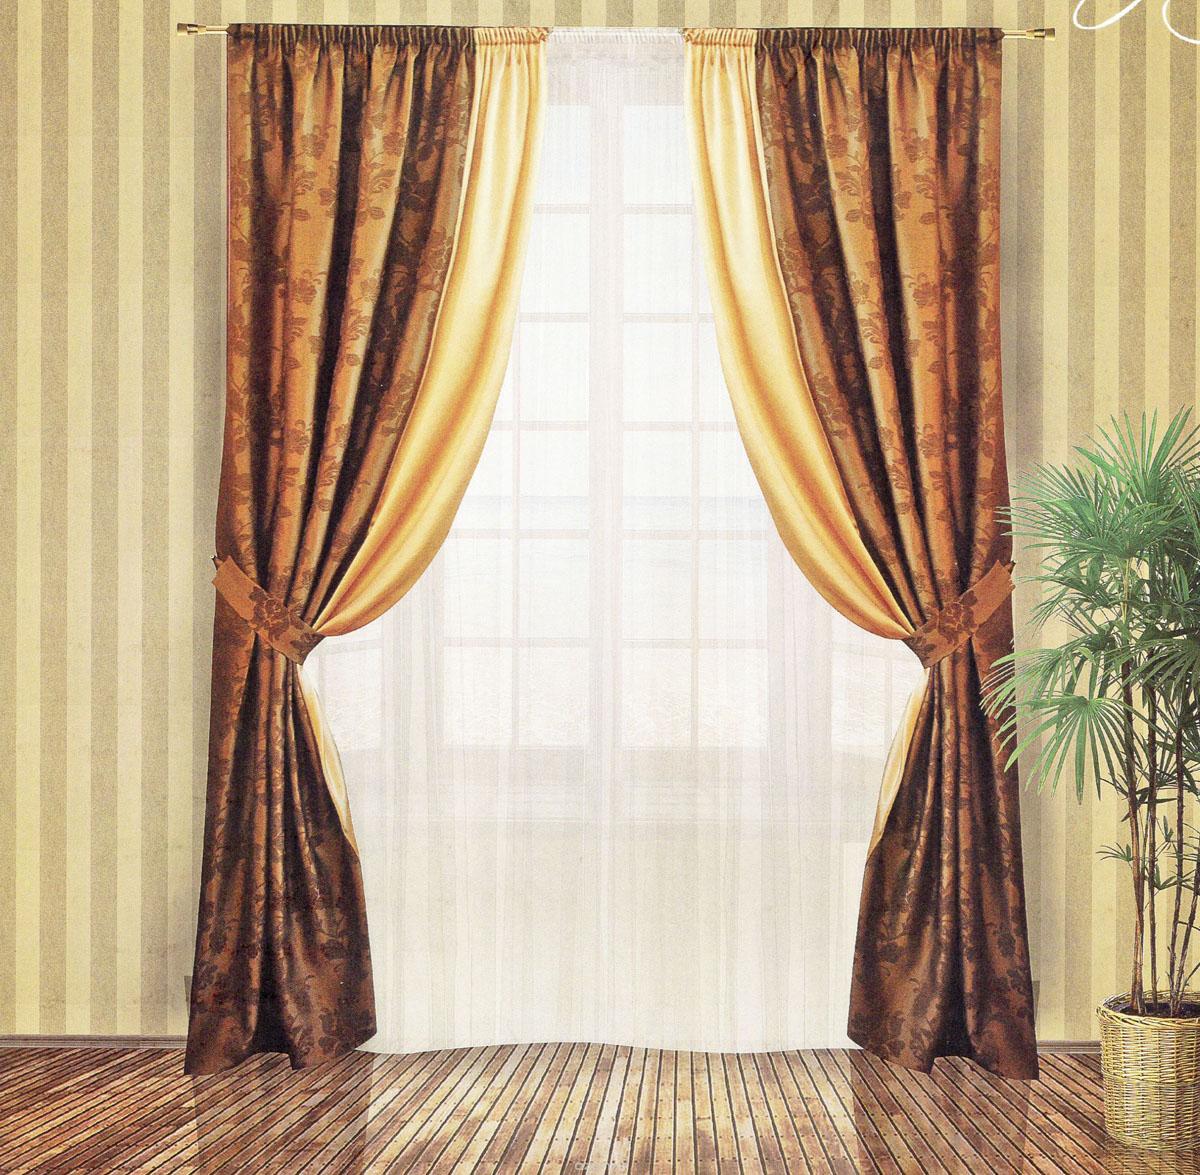 Комплект штор Zlata Korunka, на ленте, цвет: шоколадный, высота 250 см. 5554655546Роскошный комплект штор Zlata Korunka, выполненный из сатина, жаккарда и атласа (100% полиэстера), великолепно украсит любое окно. Комплект состоит из двух портьер и двух подхватов. Плотная ткань, цветочный принт и приятная, приглушенная гамма привлекут к себе внимание и органично впишутся в интерьер помещения. Комплект крепится на карниз при помощи шторной ленты, которая поможет красиво и равномерно задрапировать верх. Портьеры можно зафиксировать в одном положении с помощью двух подхватов. Этот комплект будет долгое время радовать вас и вашу семью! В комплект входит: Портьера: 2 шт. Размер (ШхВ): 150 см х 250 см. Подхват: 2 шт. Размер (ШхВ): 60 см х 10 см.